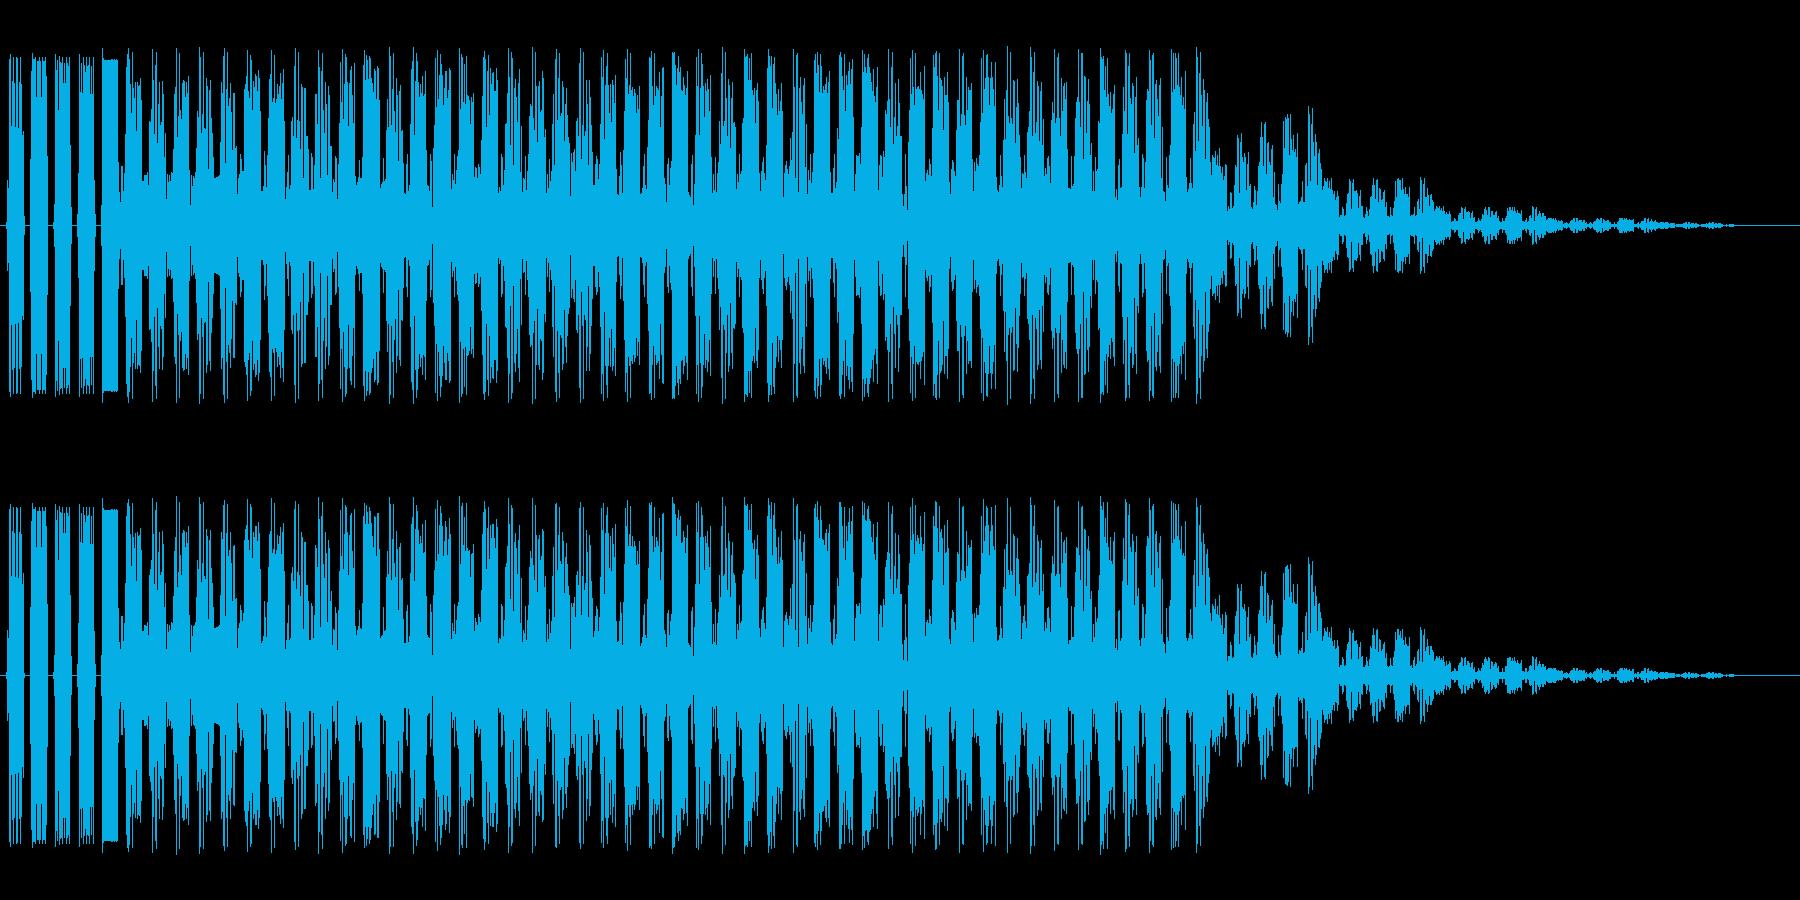 キュロロロ(データ読込・転送のイメージ)の再生済みの波形